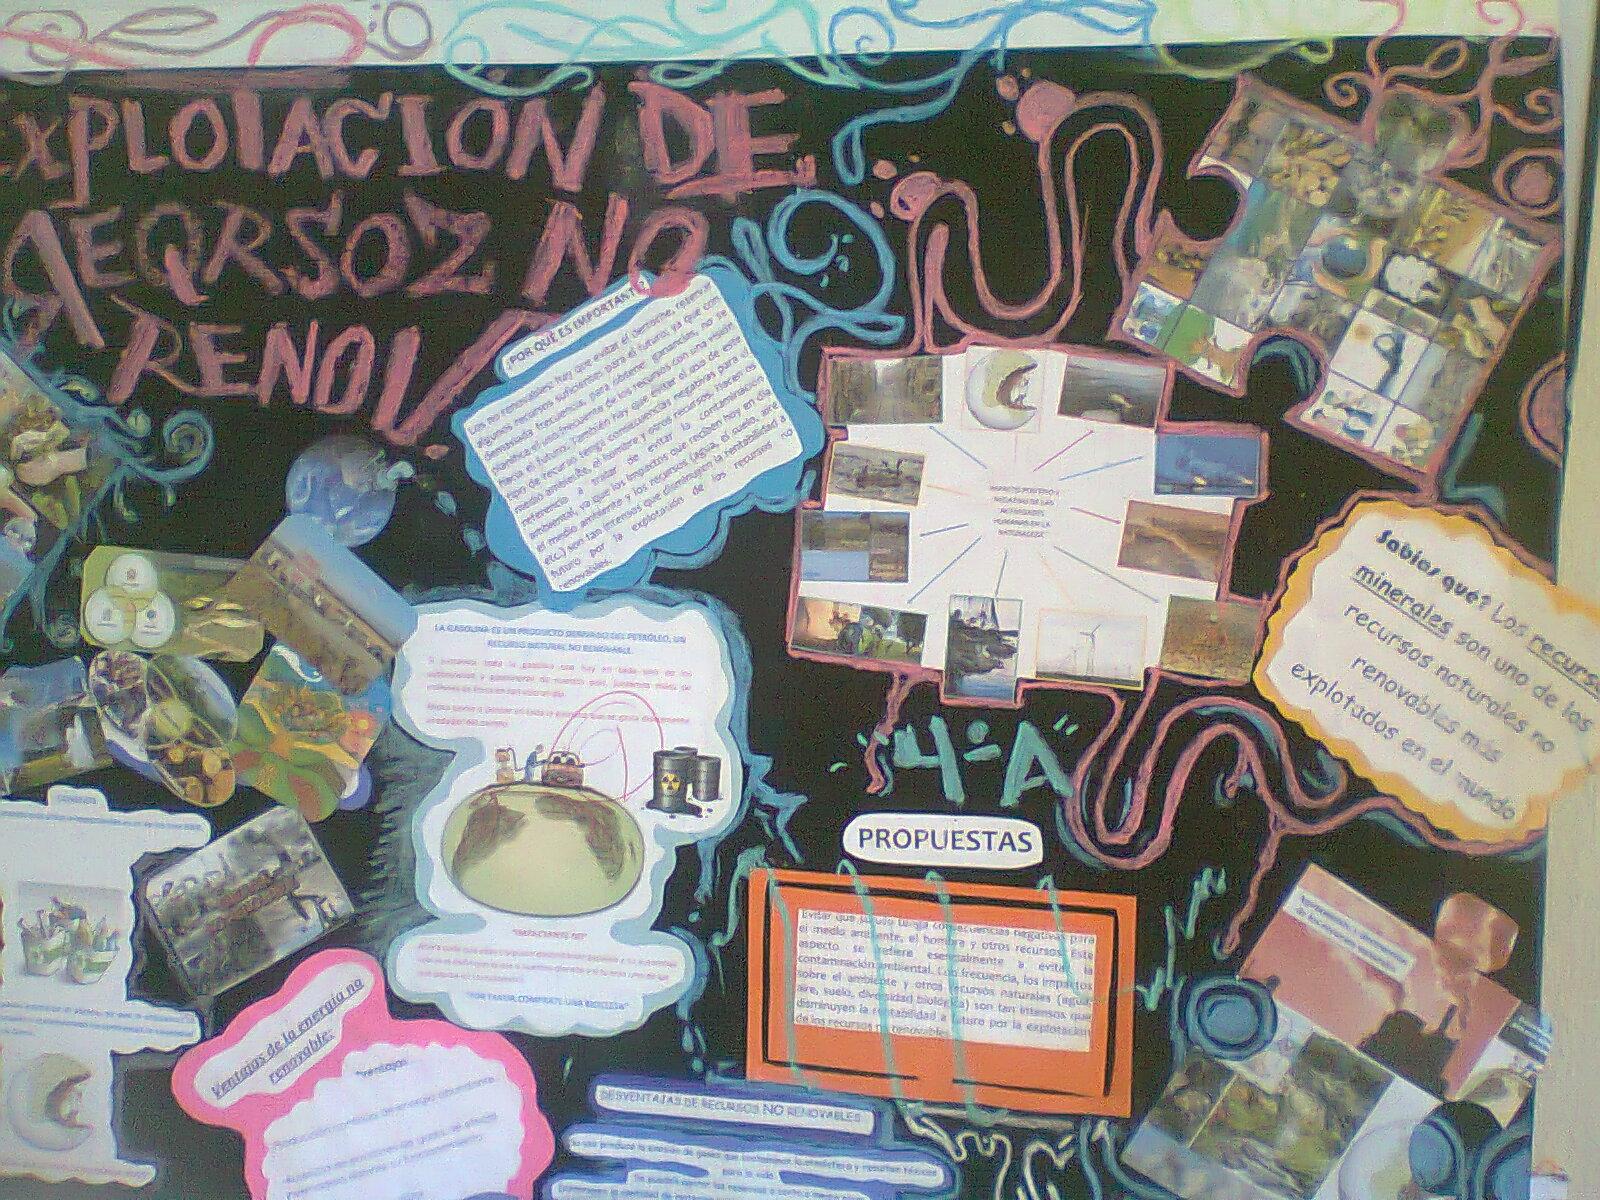 Imagenes de periodico mural medio ambiente mural sobre for Estructura del periodico mural wikipedia